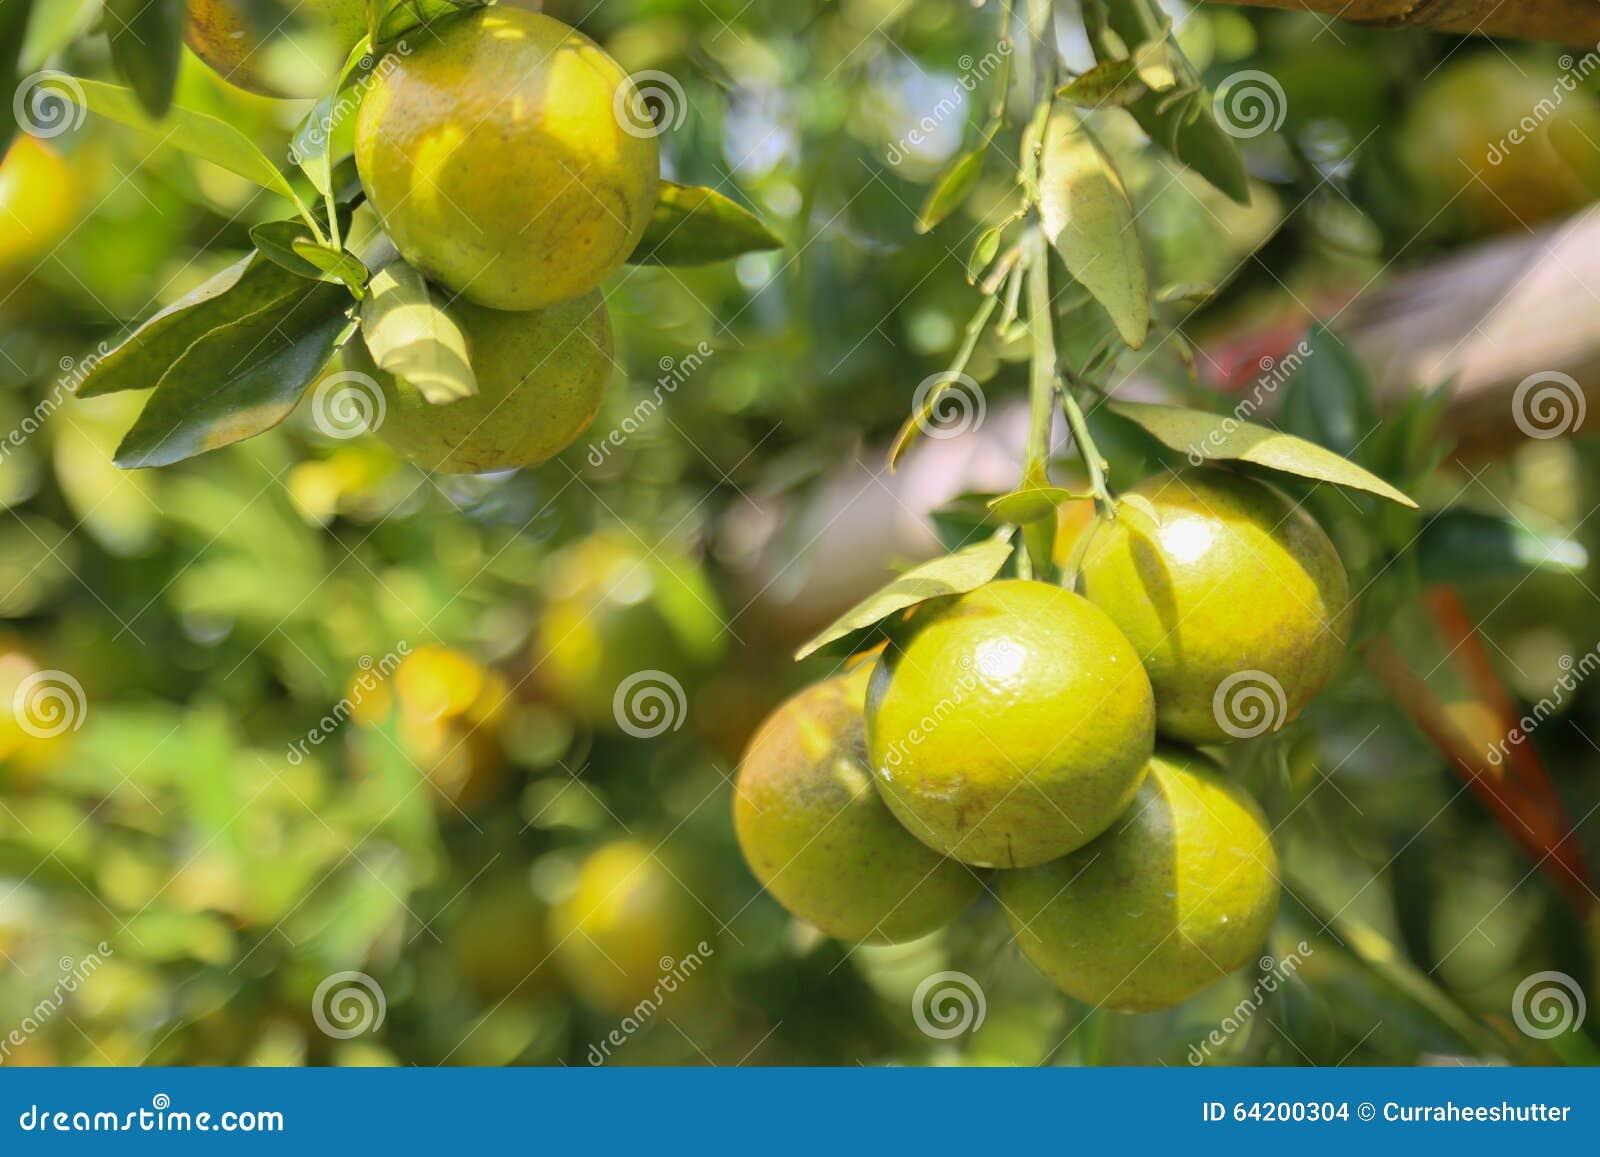 Fruta anaranjada fresca en huerta, fruta limpia o fondo popular de la fruta, fruta del mercado de la huerta de la agricultura